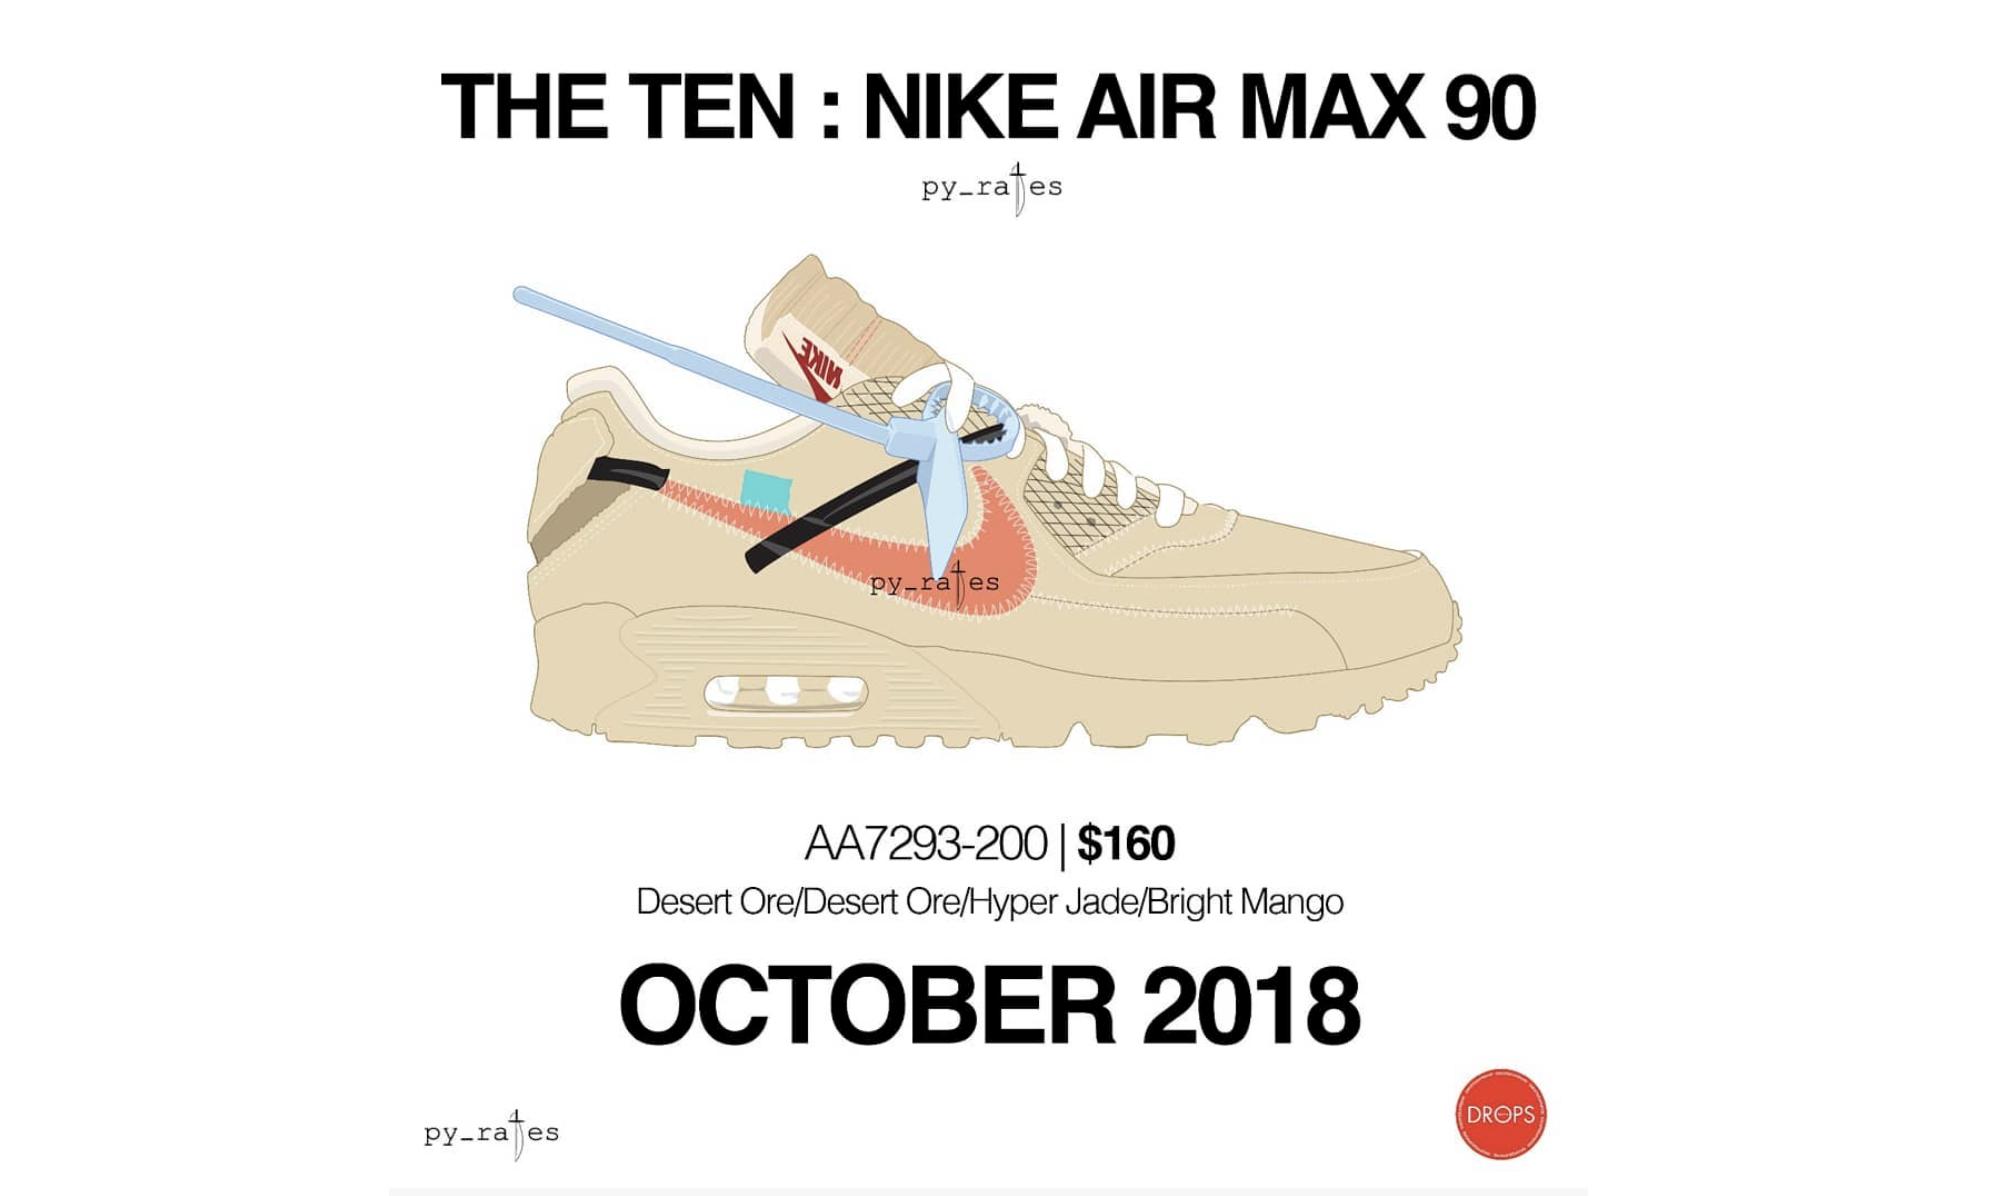 新款 Virgil Abloh x Nike Air Max 90 将在 10 月正式发售